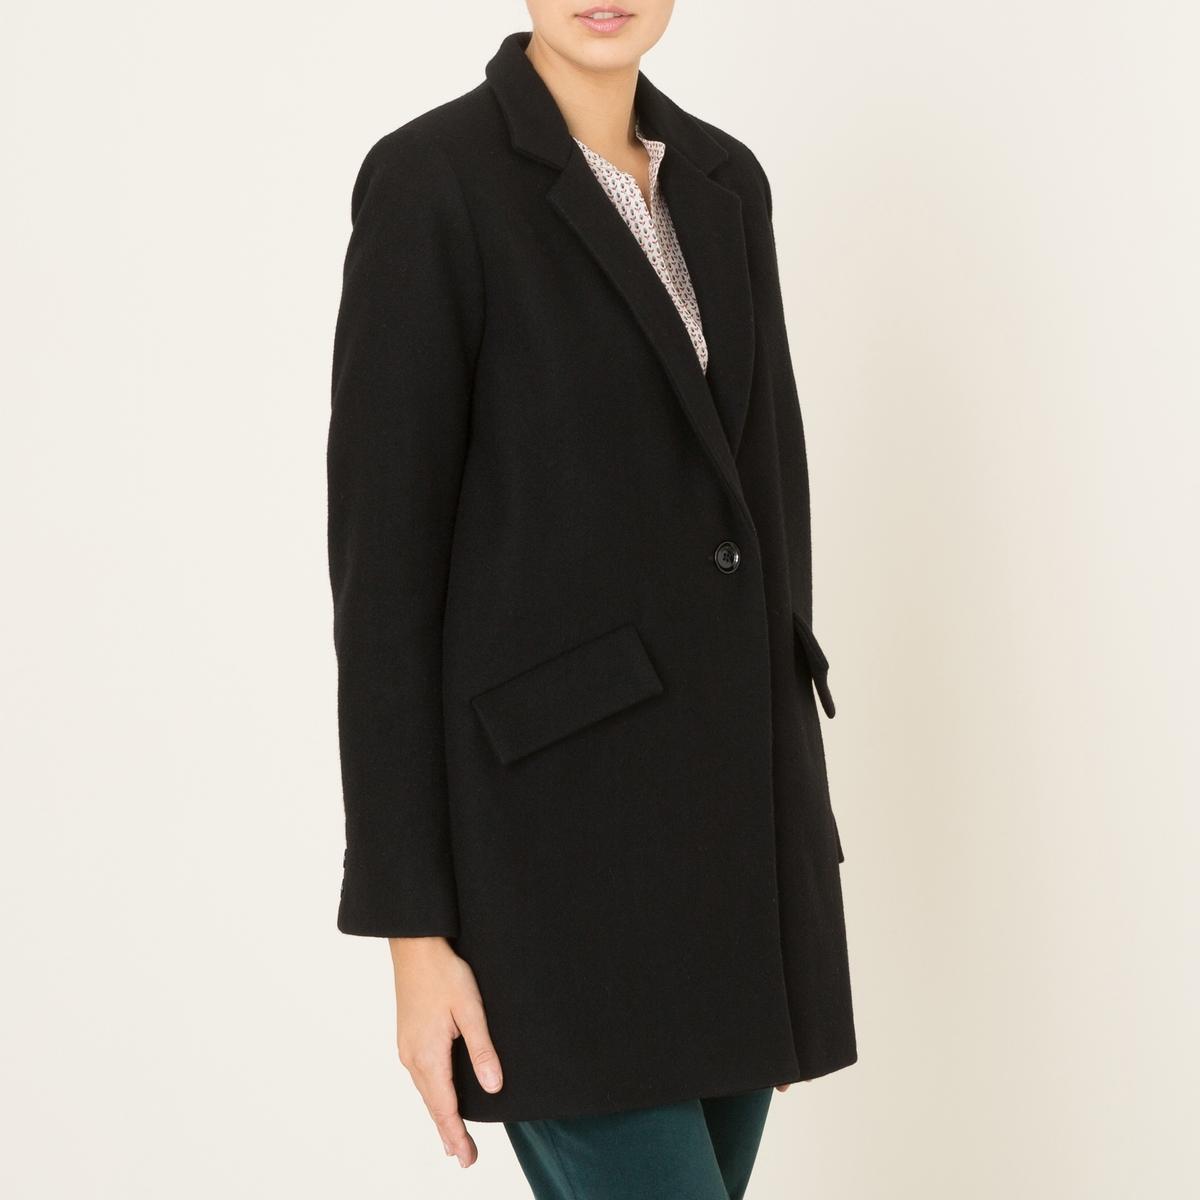 Пальто средней длины HELLO DOL пальто средней длины 60% шерсти